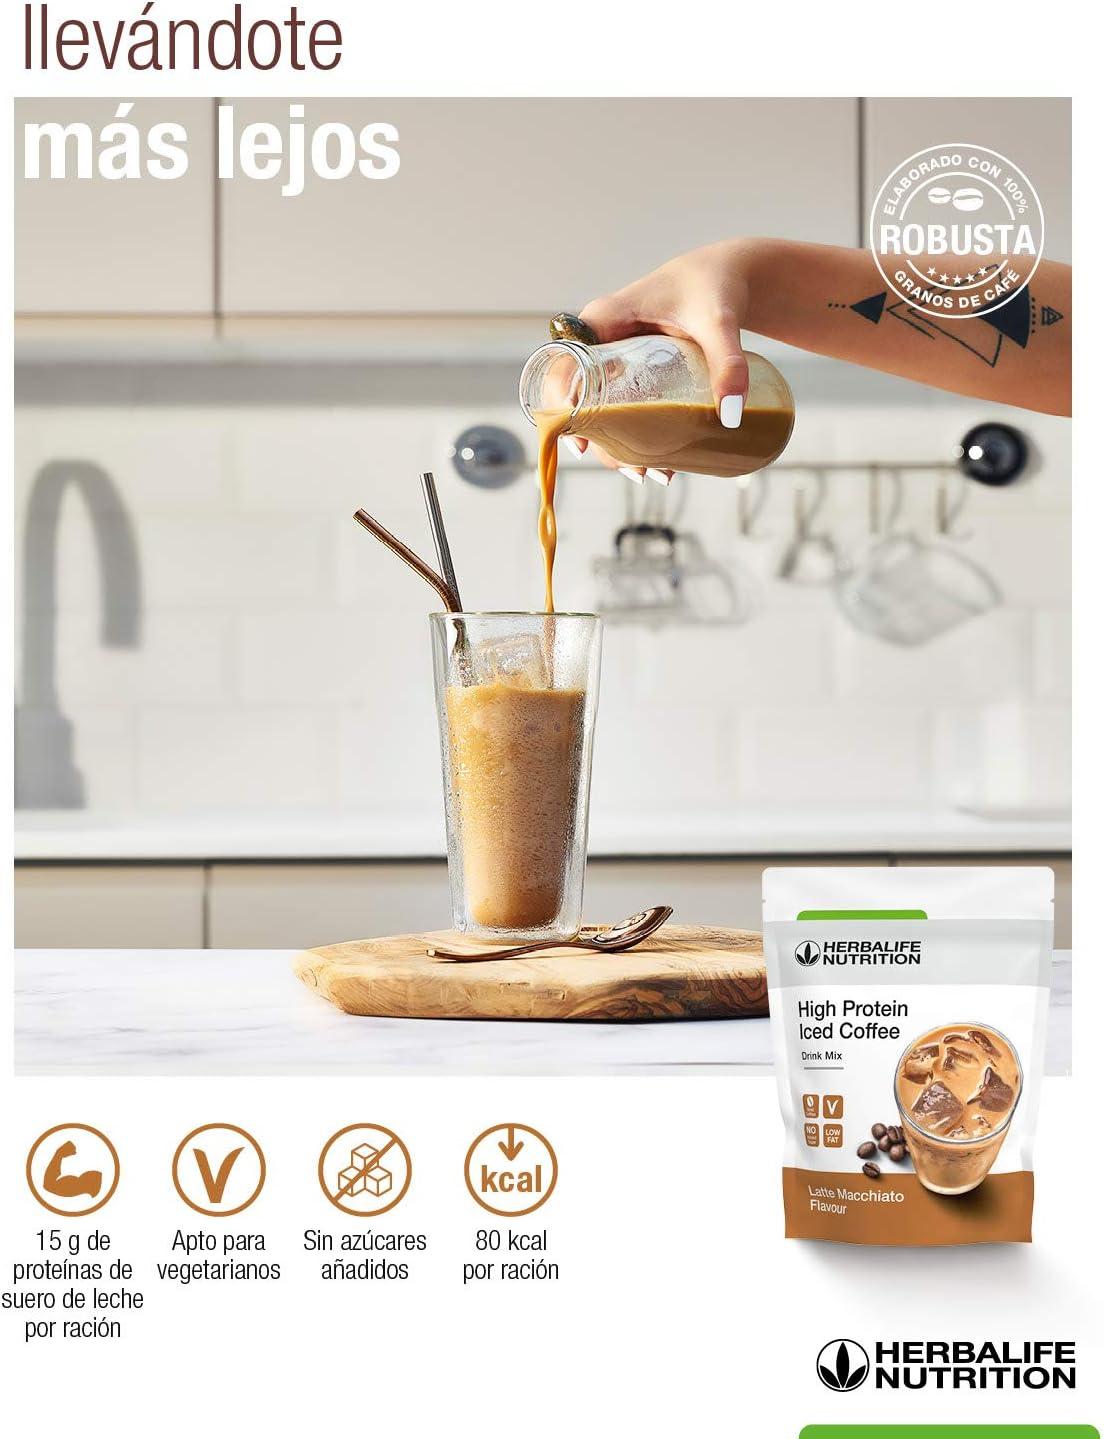 Herbalife - Proteina sabor a Café Helado - High Protein Iced ...